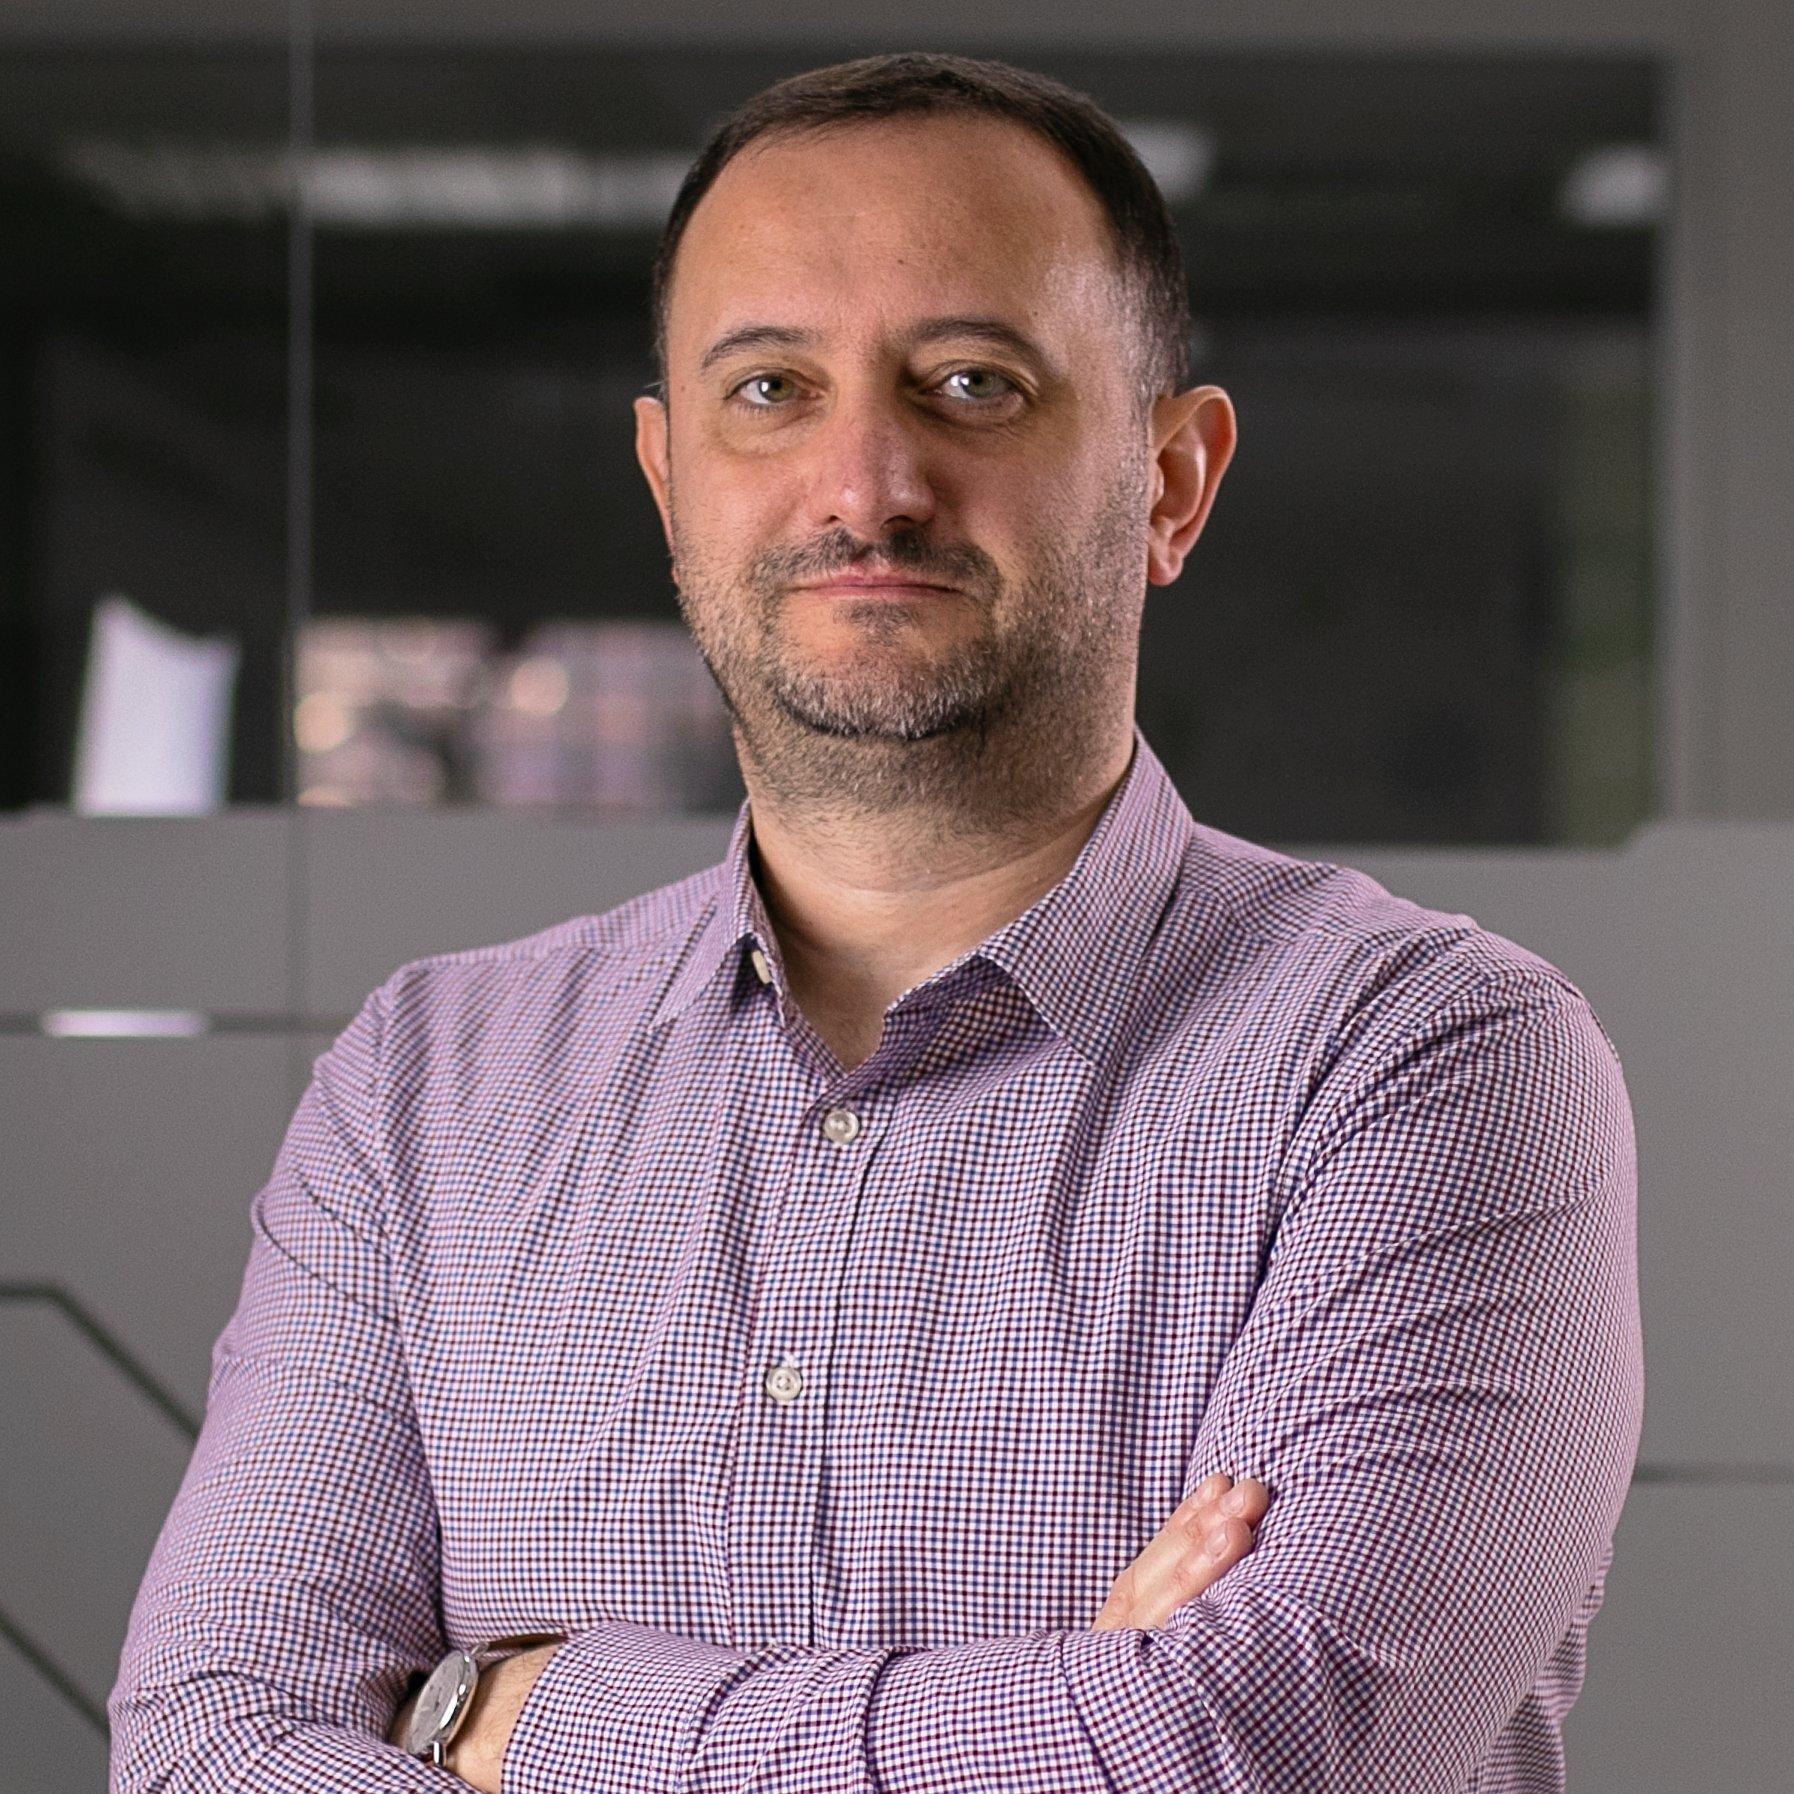 Ilija Suša, Co-Founder, Smartocto